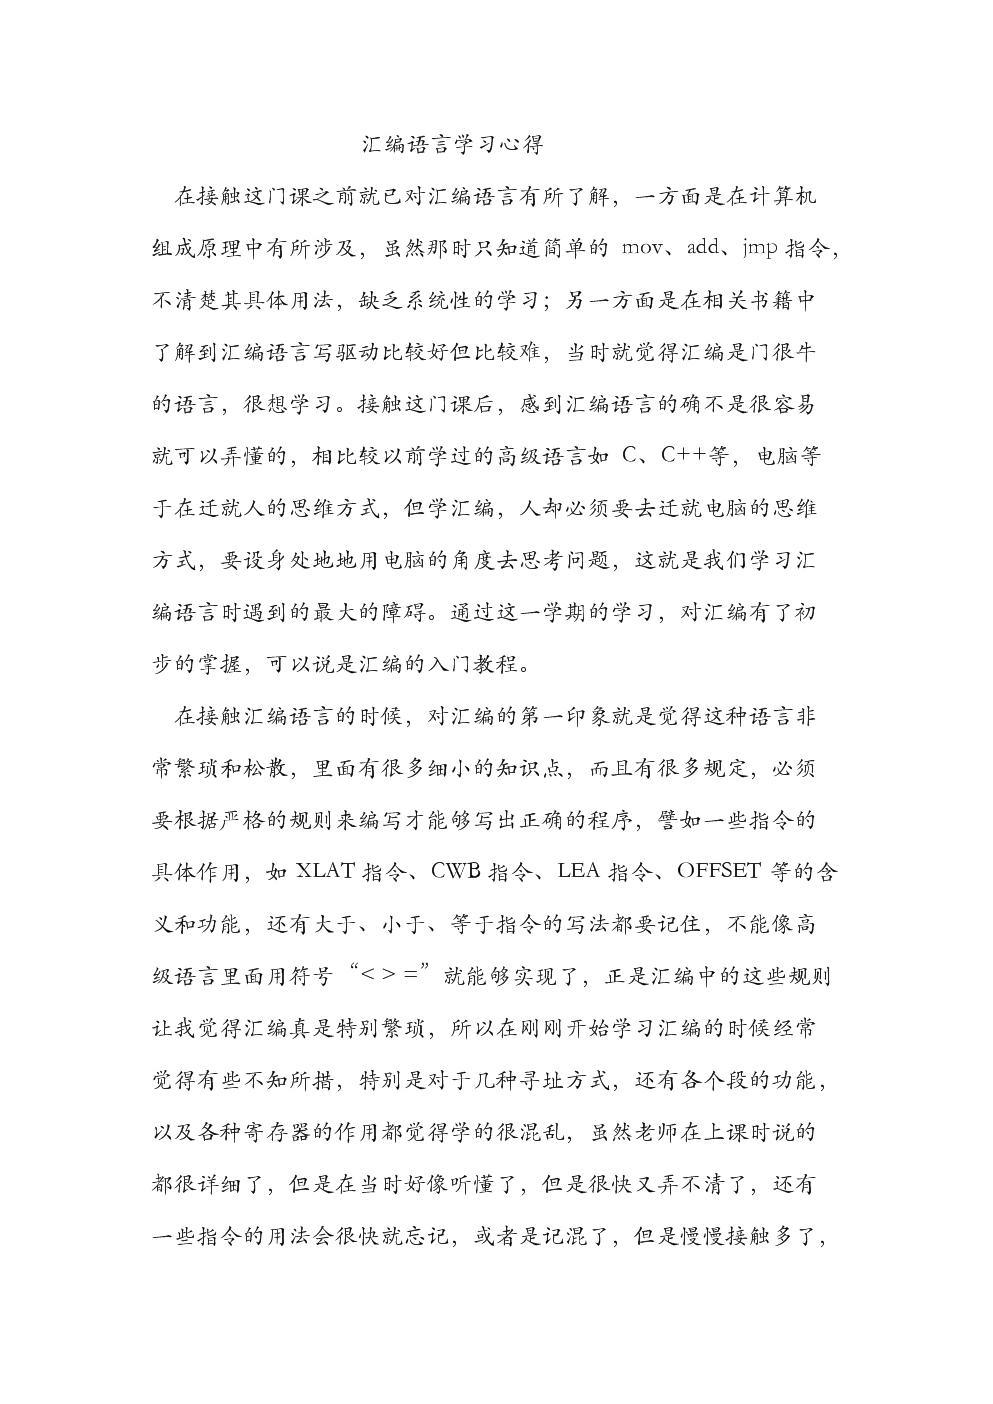 汇编语言学习心得,研究生毕业自我总结3篇.doc